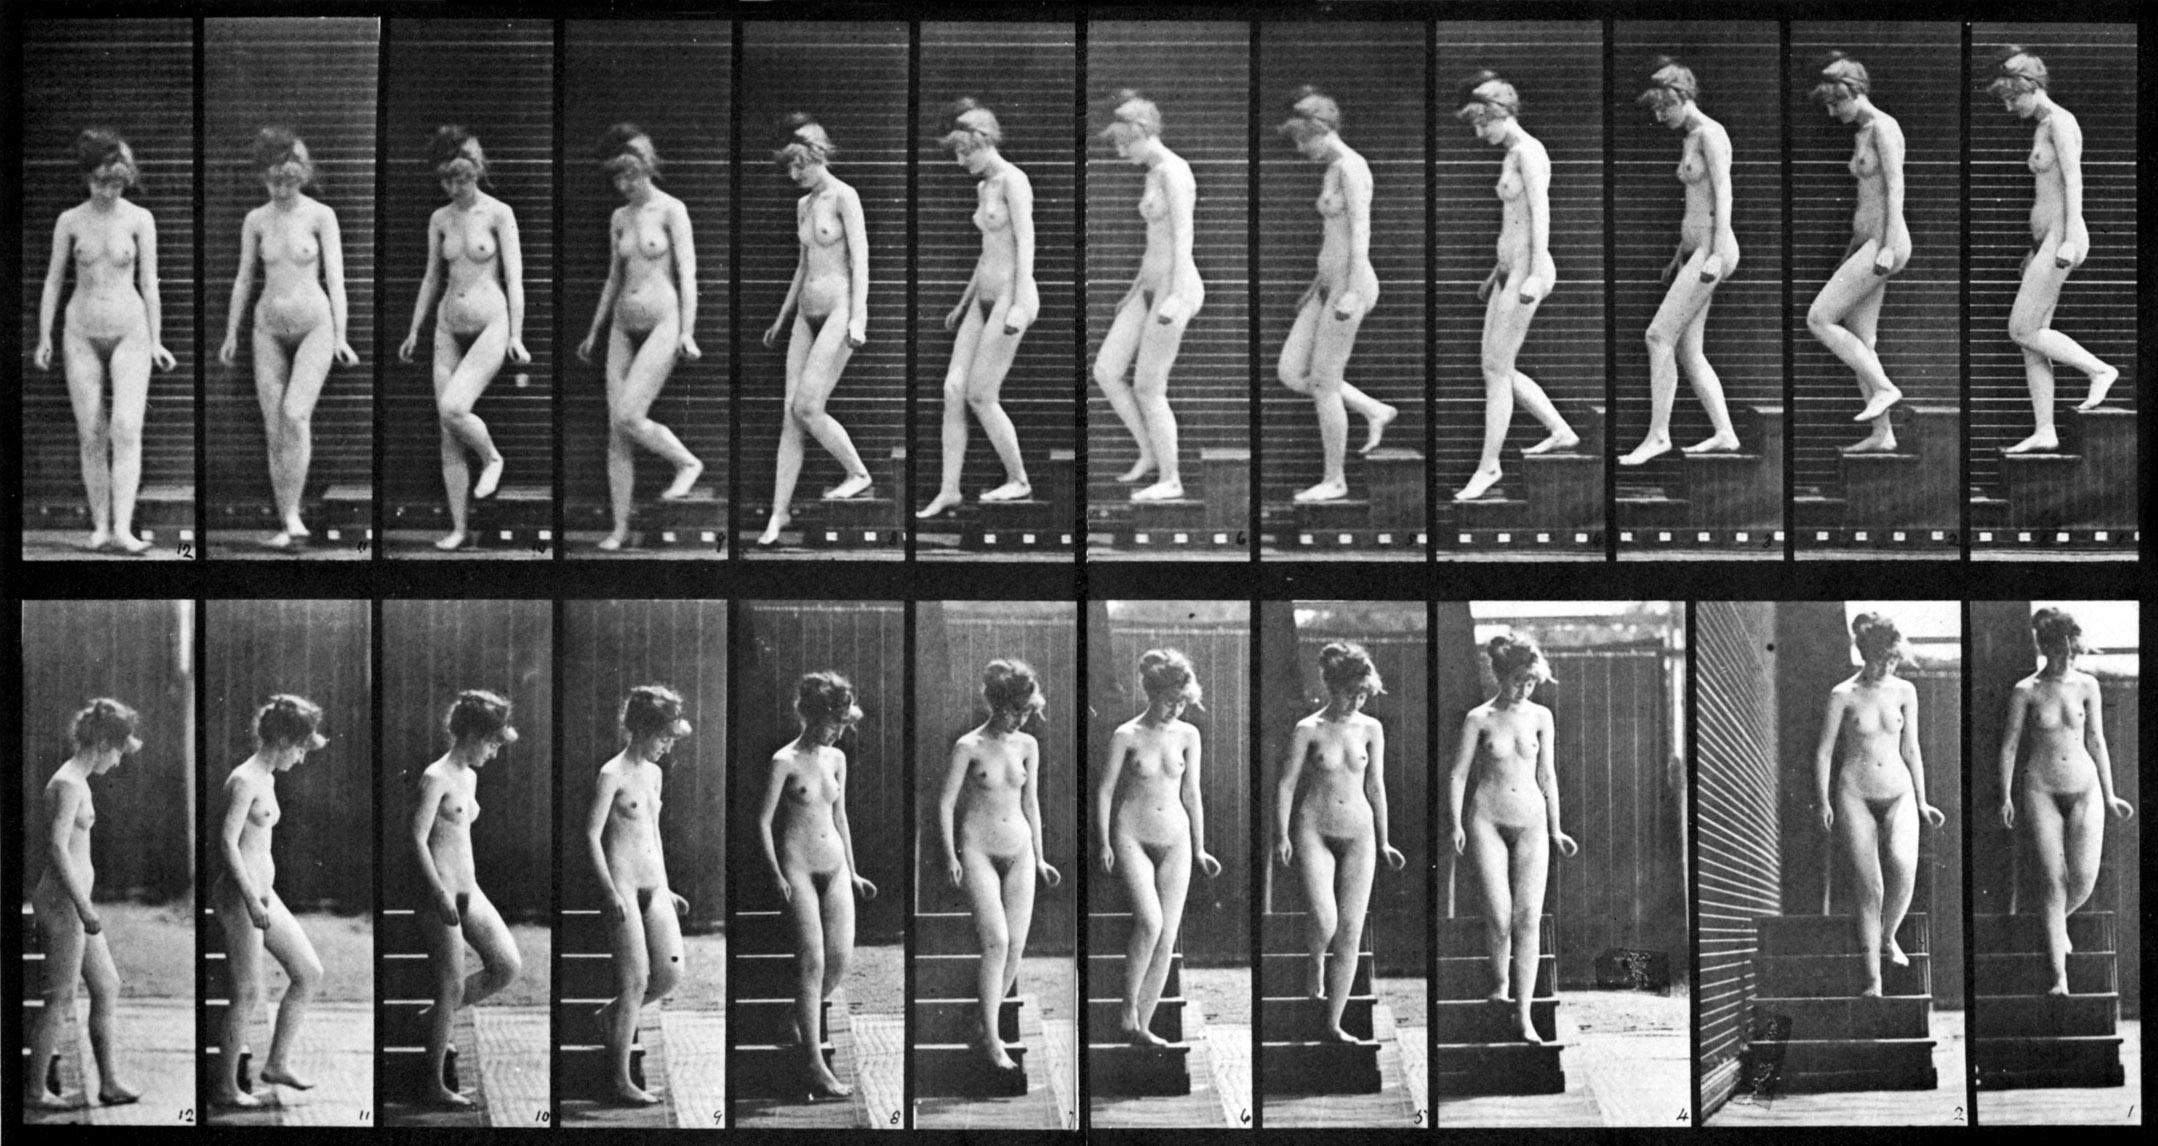 Very eadweard muybridge nude women